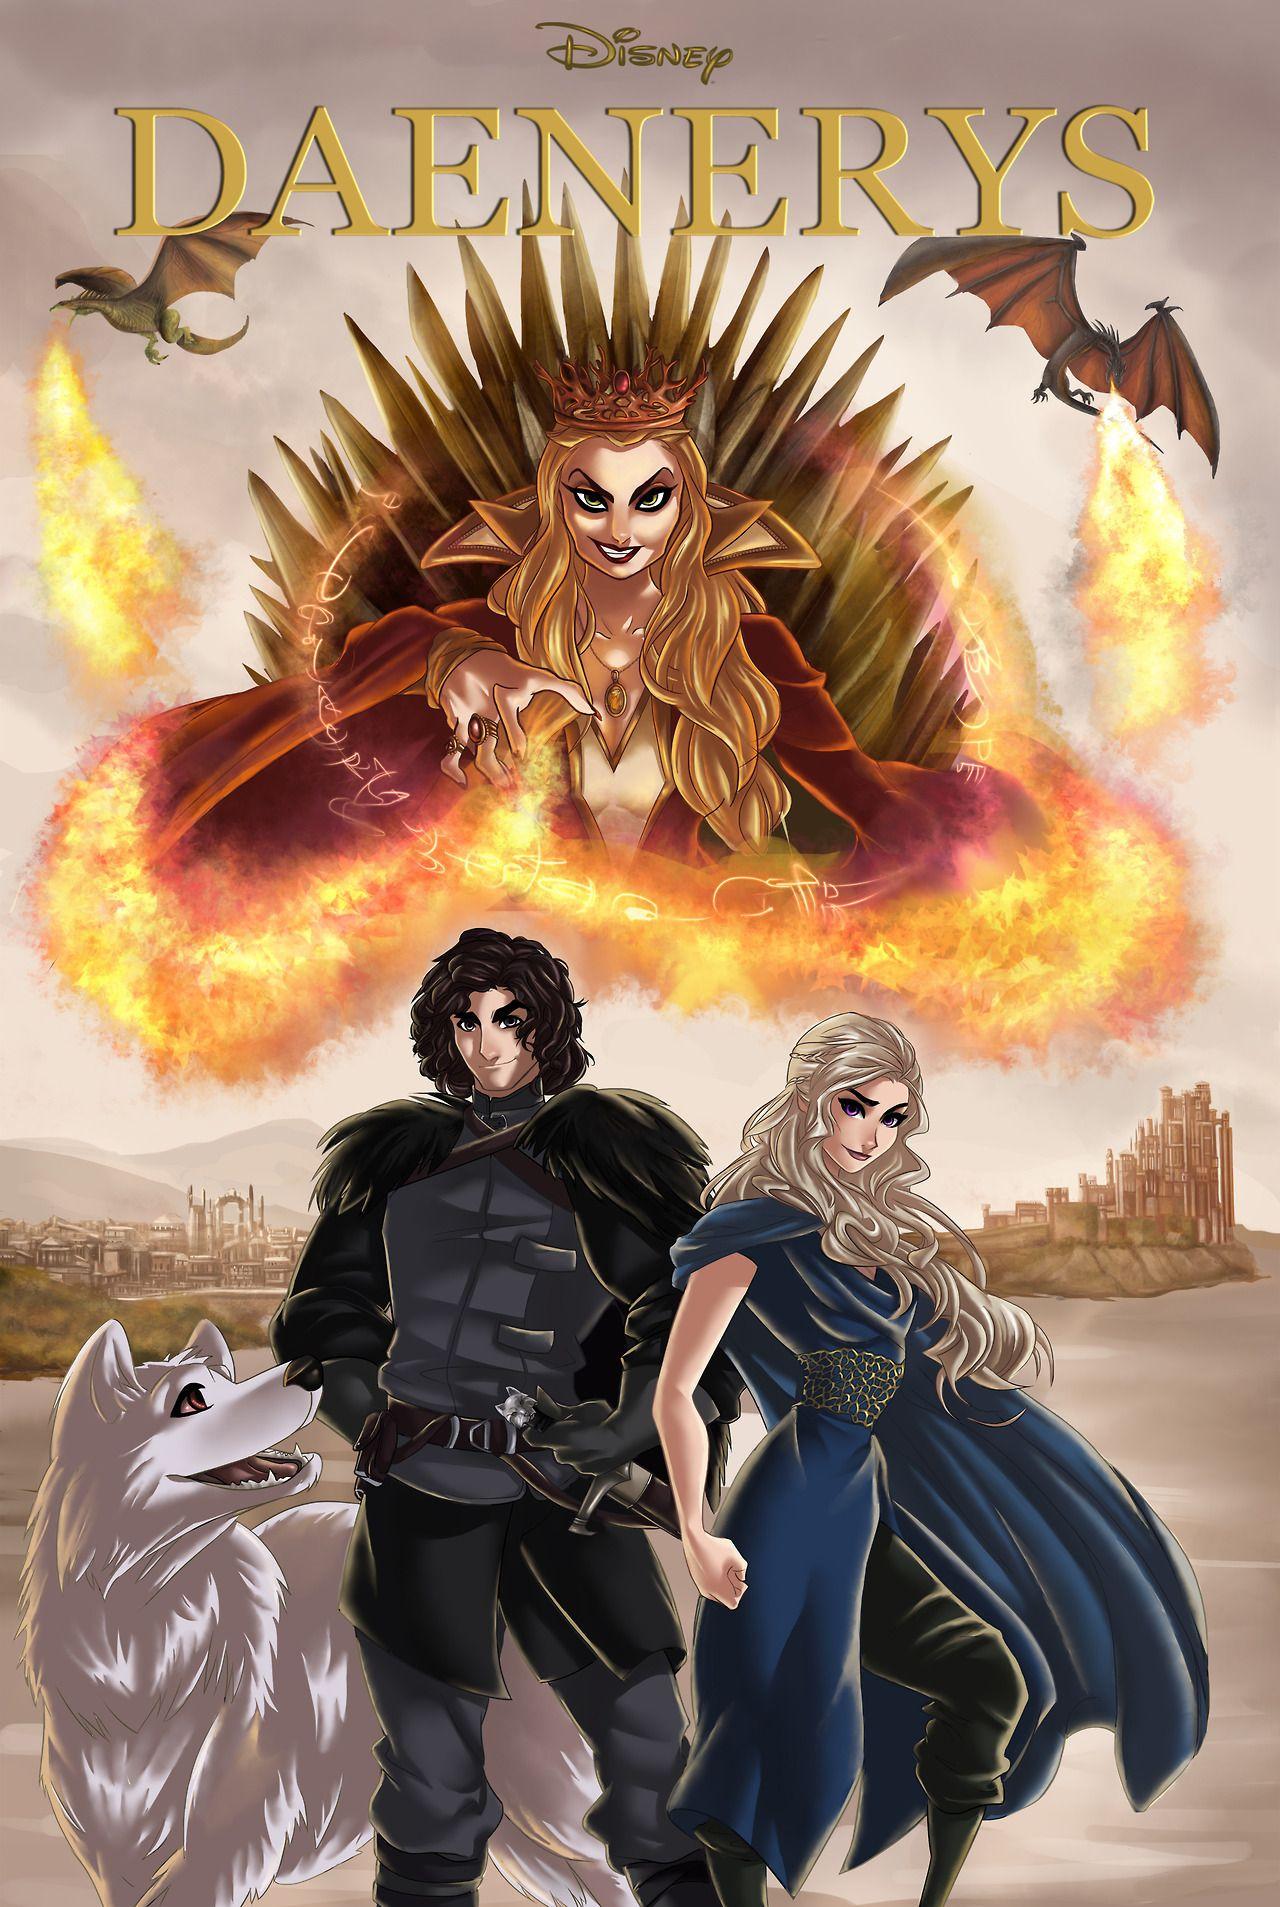 Game Of Thrones Fan Art Jon Snow Daenerys Targaryen Jonerys Game Of Thrones Artwork Game Of Thrones Art Game Of Thrones Fans